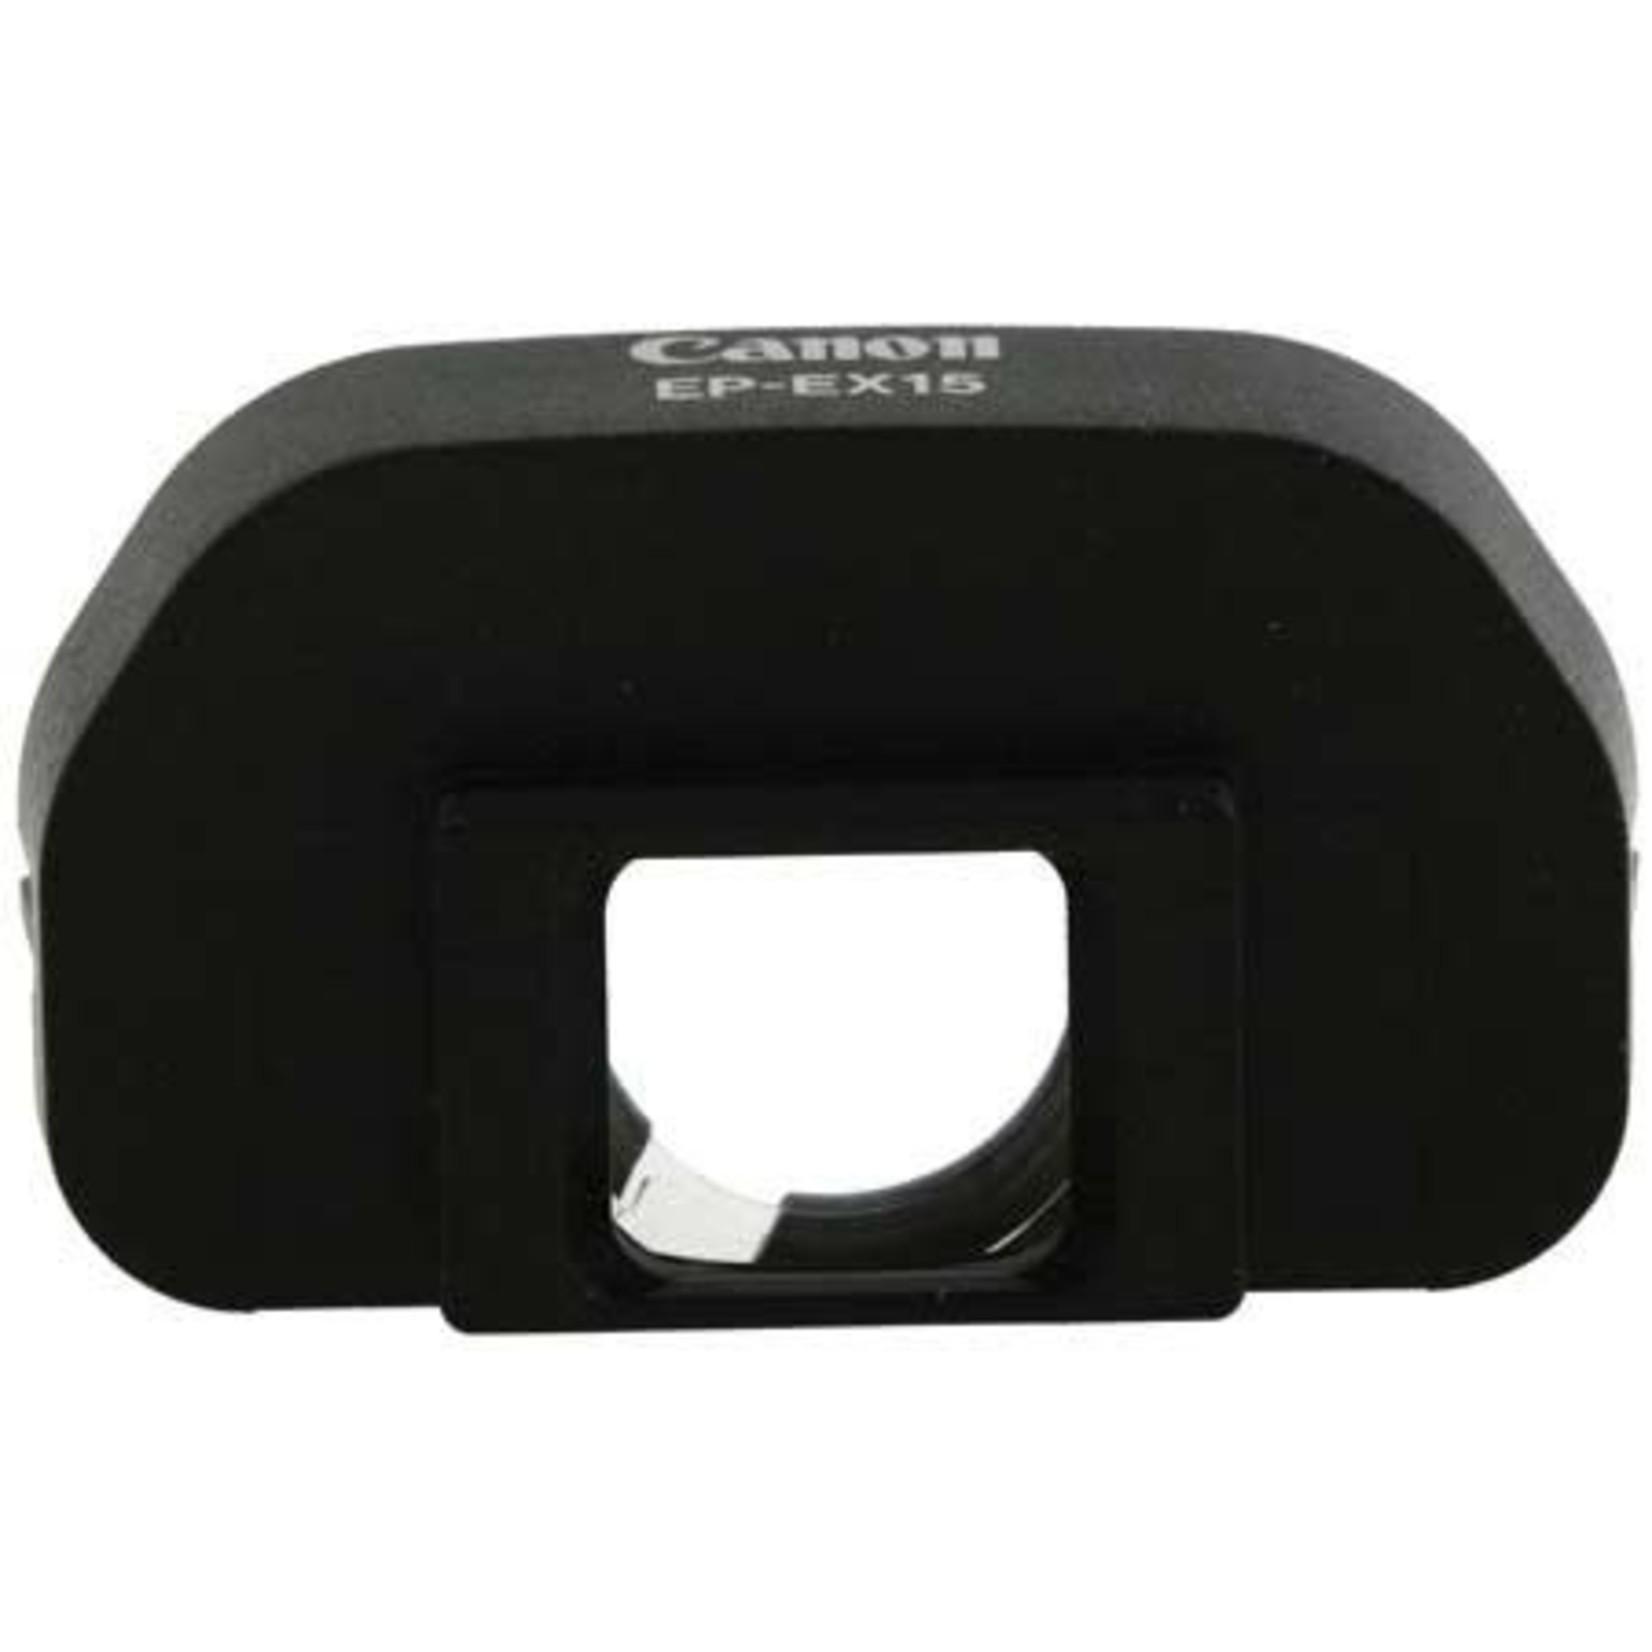 Canon Canon Eyepiece Extender EP-EX15 for all EOS cameras - except EOS-3, A2/A2E, Elan II/IIE, 7/7E, IX, IX-Lite